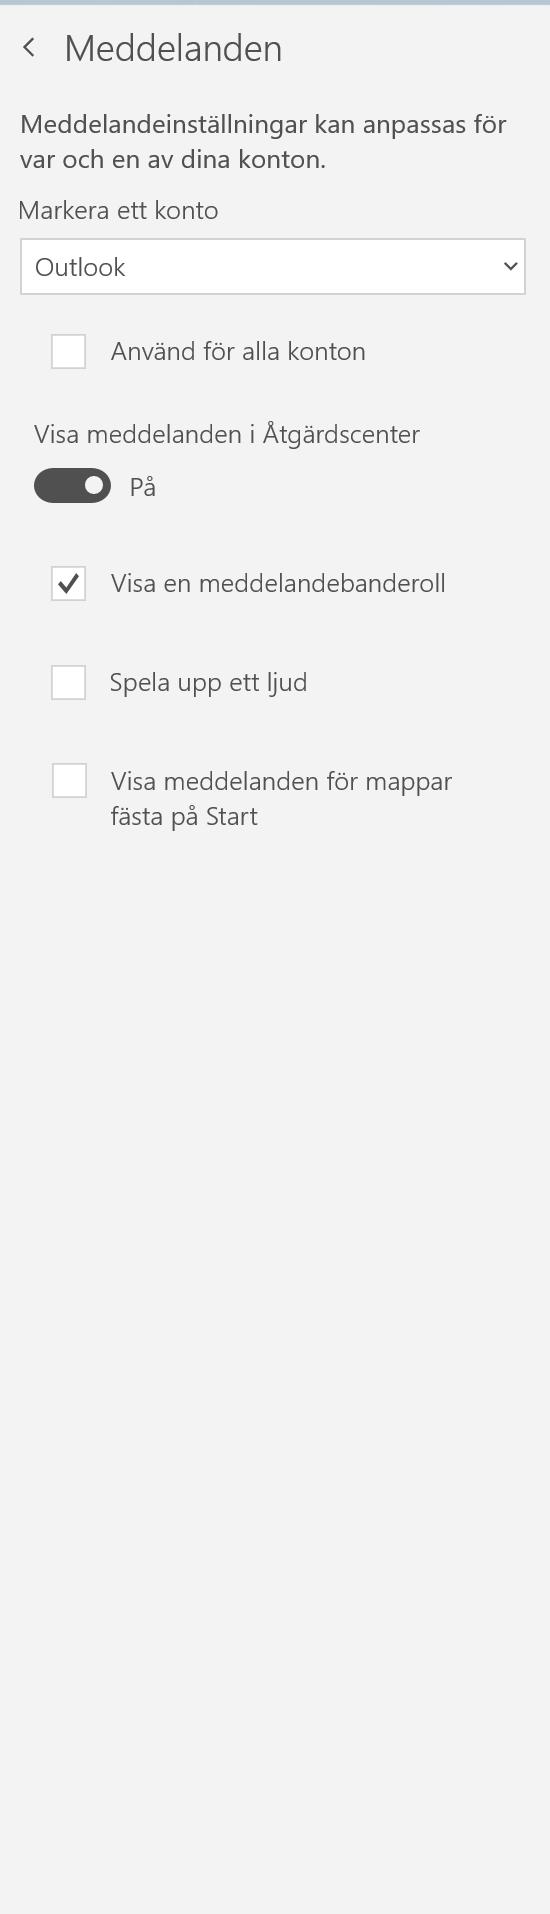 Inställningar för hur meddelanden aviseras i appen e-post.